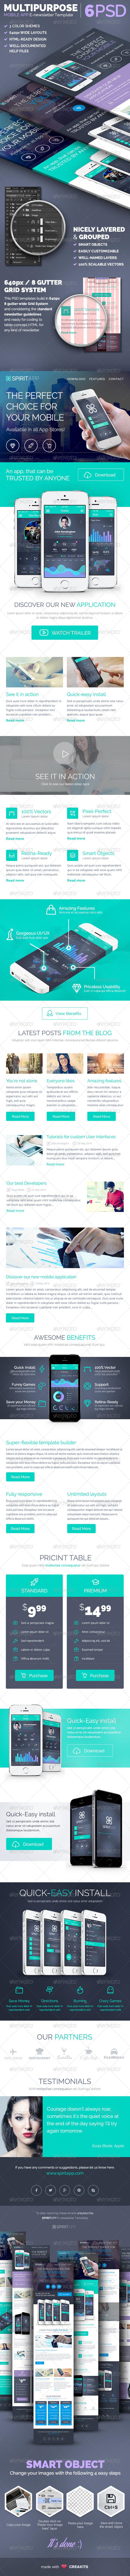 SpiritApp Multipurpose E-newsletter Template